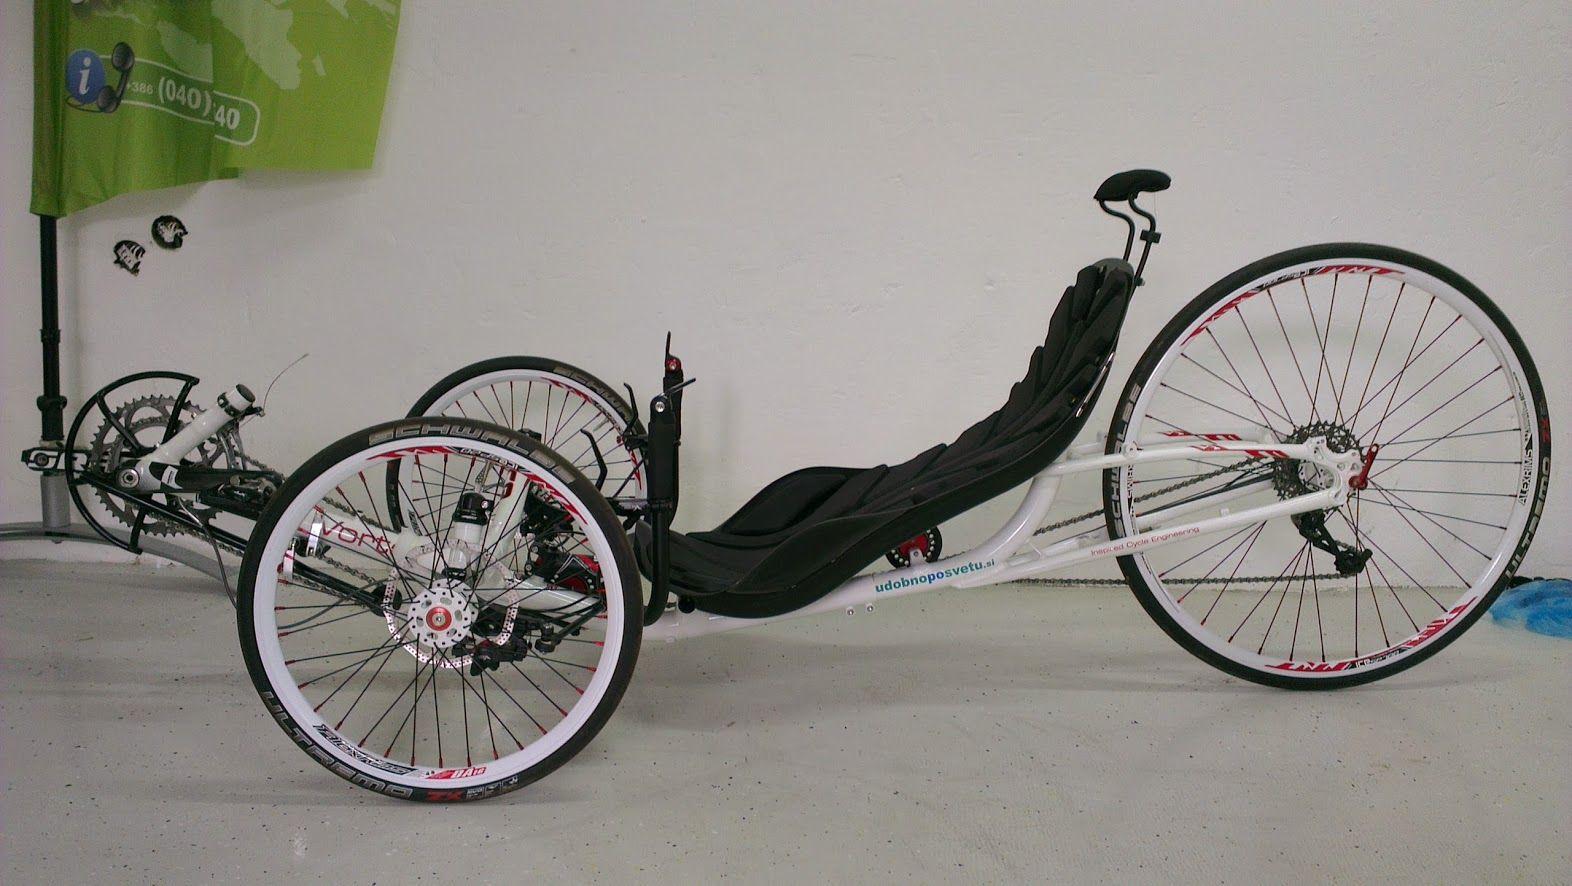 ice vortex vorf hrrad zu verkaufen liegerad gebraucht sterreich liegetrike liegende dreirad. Black Bedroom Furniture Sets. Home Design Ideas